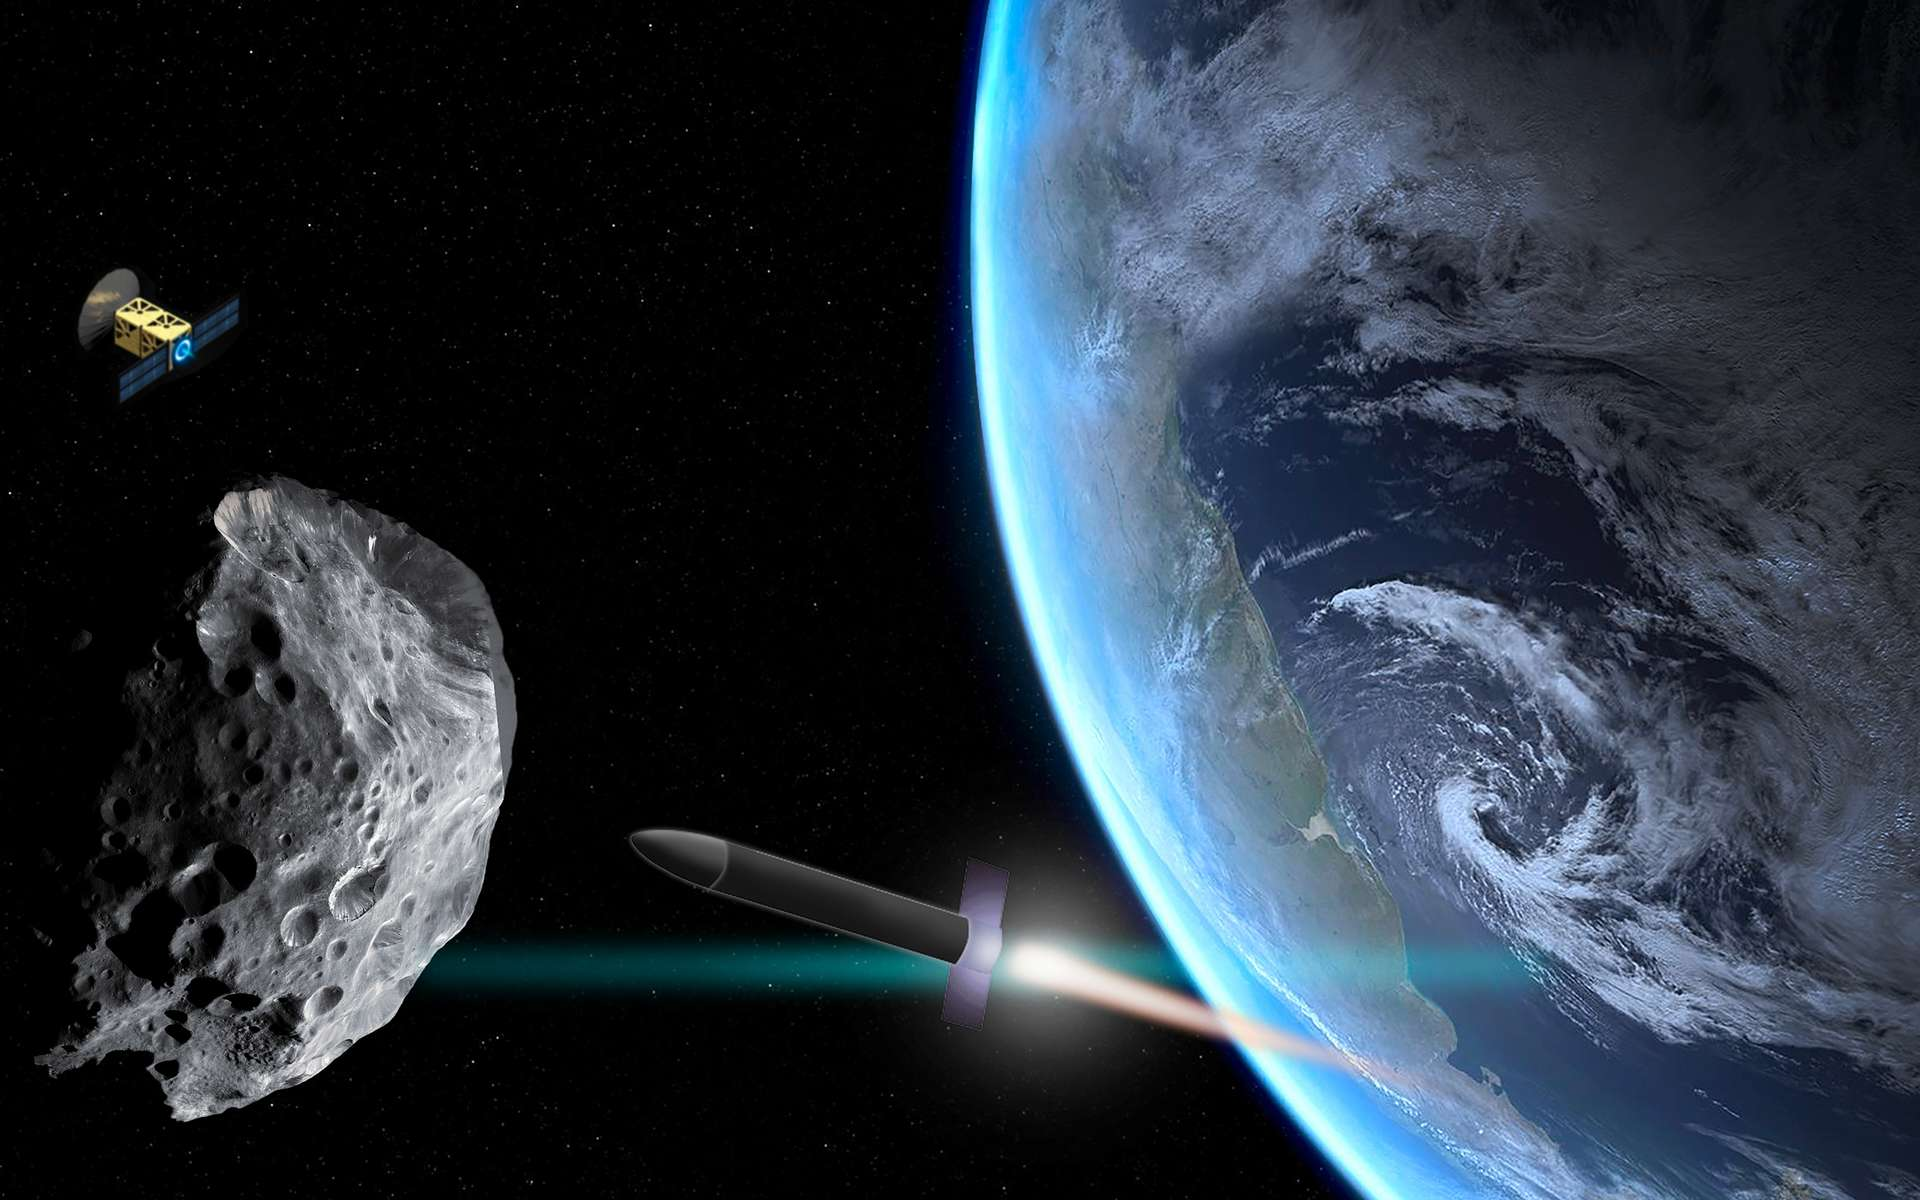 La déviation est la solution retenue pour protéger la Terre d'une collision avec un astéroïde. Bien qu'il existe d'autres solutions, celle-ci semble faire l'unanimité. © Christine Daniloff, MIT